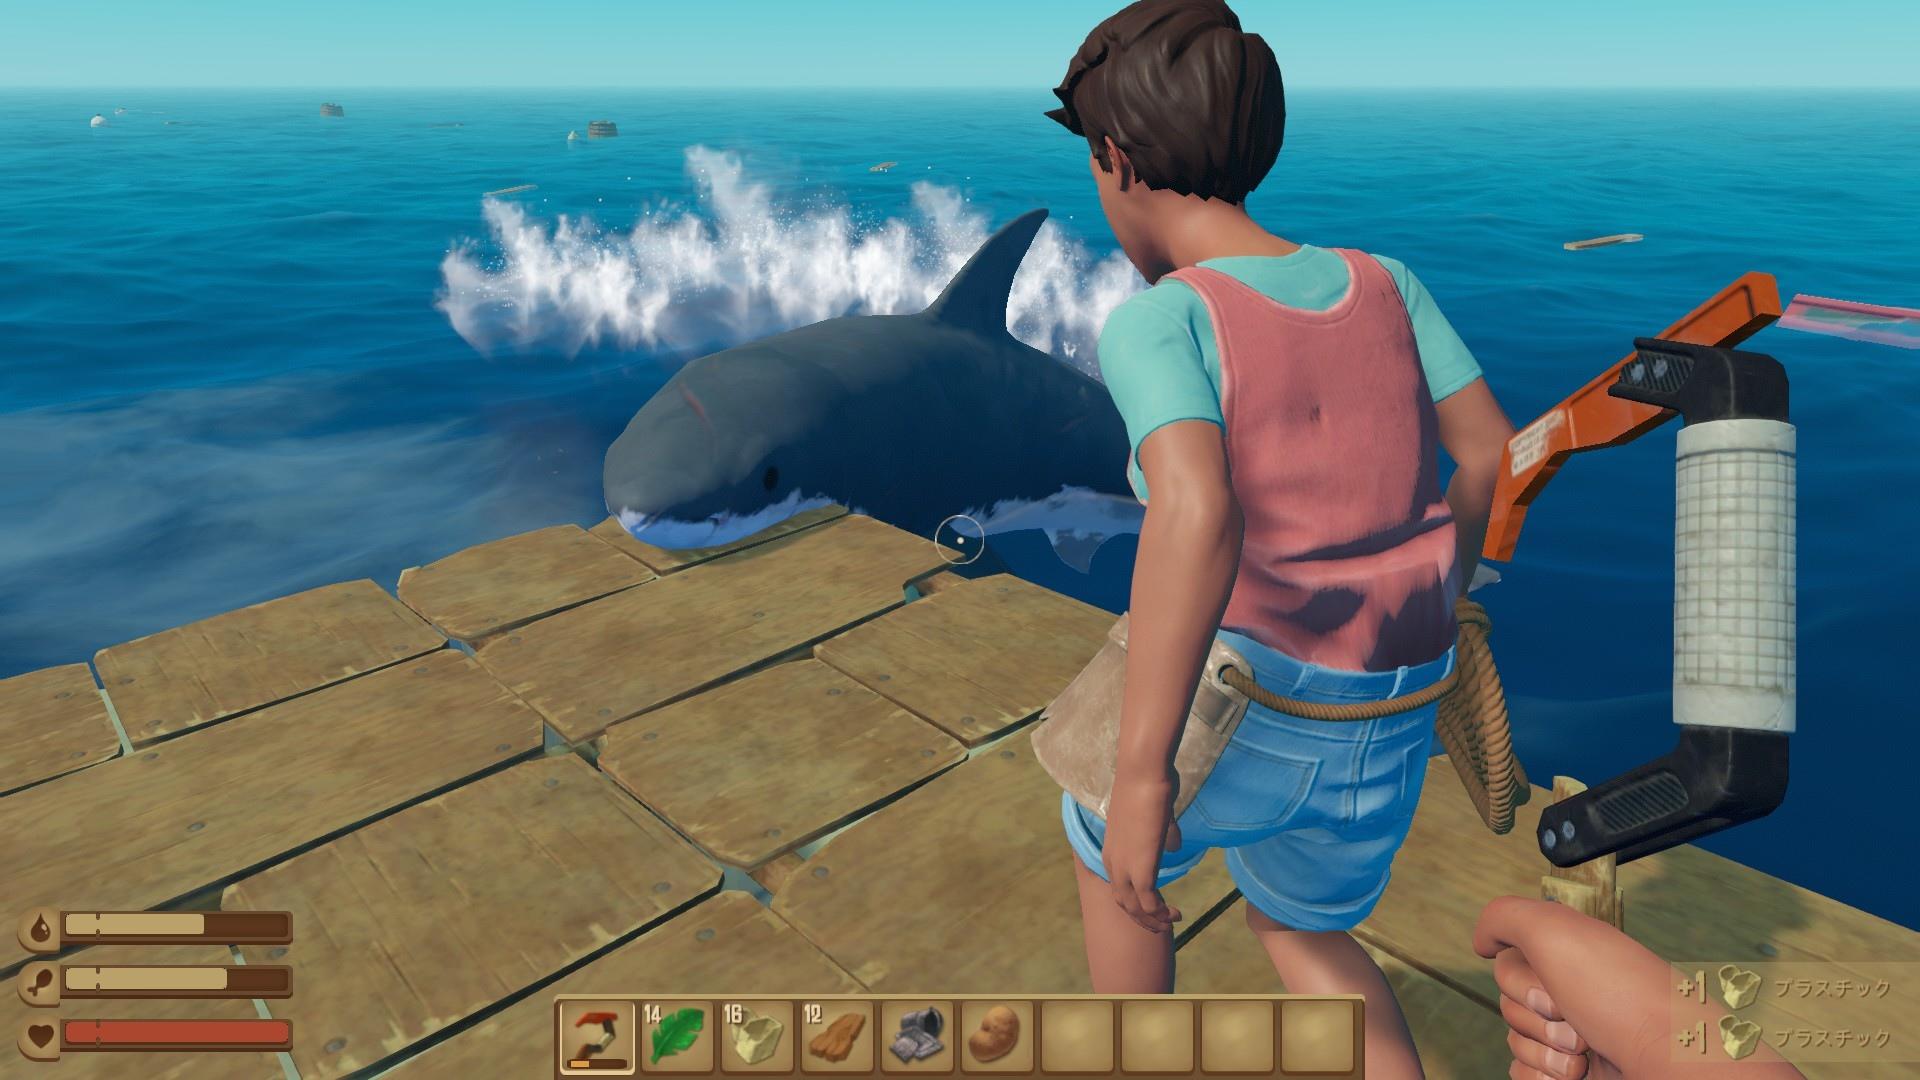 在海上撿垃圾的游戲叫什么 raft船長漂流記steam快速購買